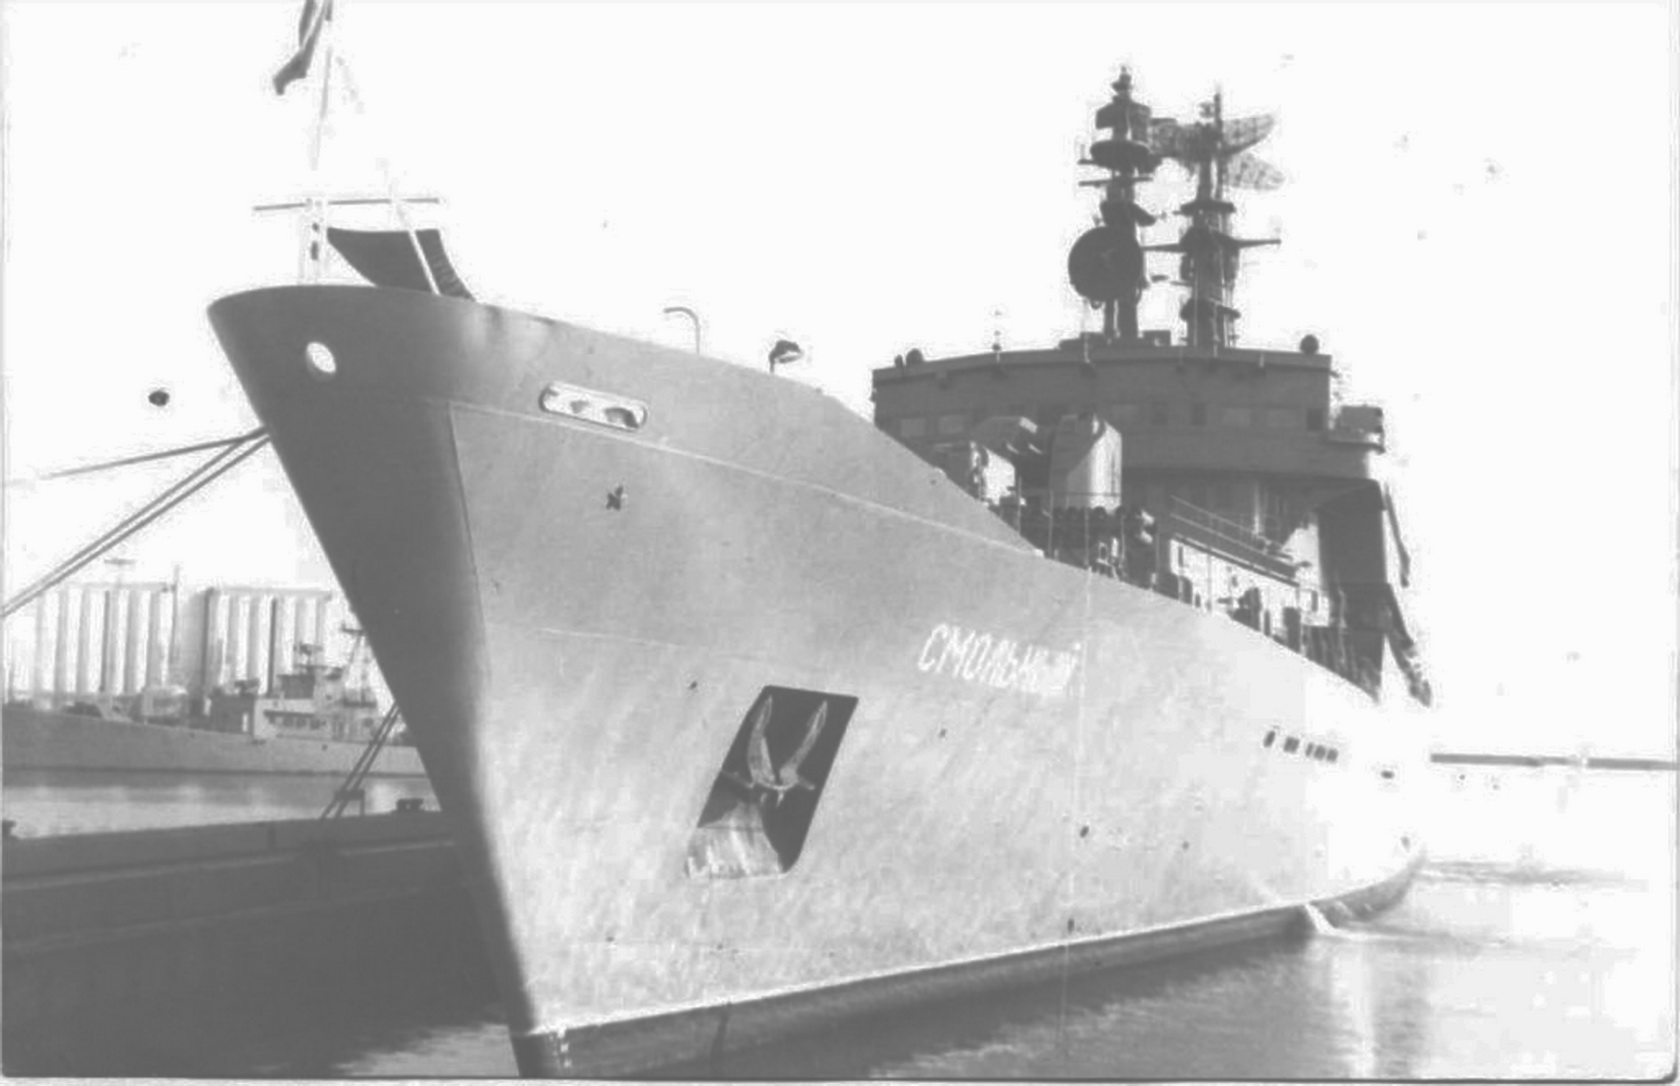 поклонники учебное судно саша ковалев фото сорок лет